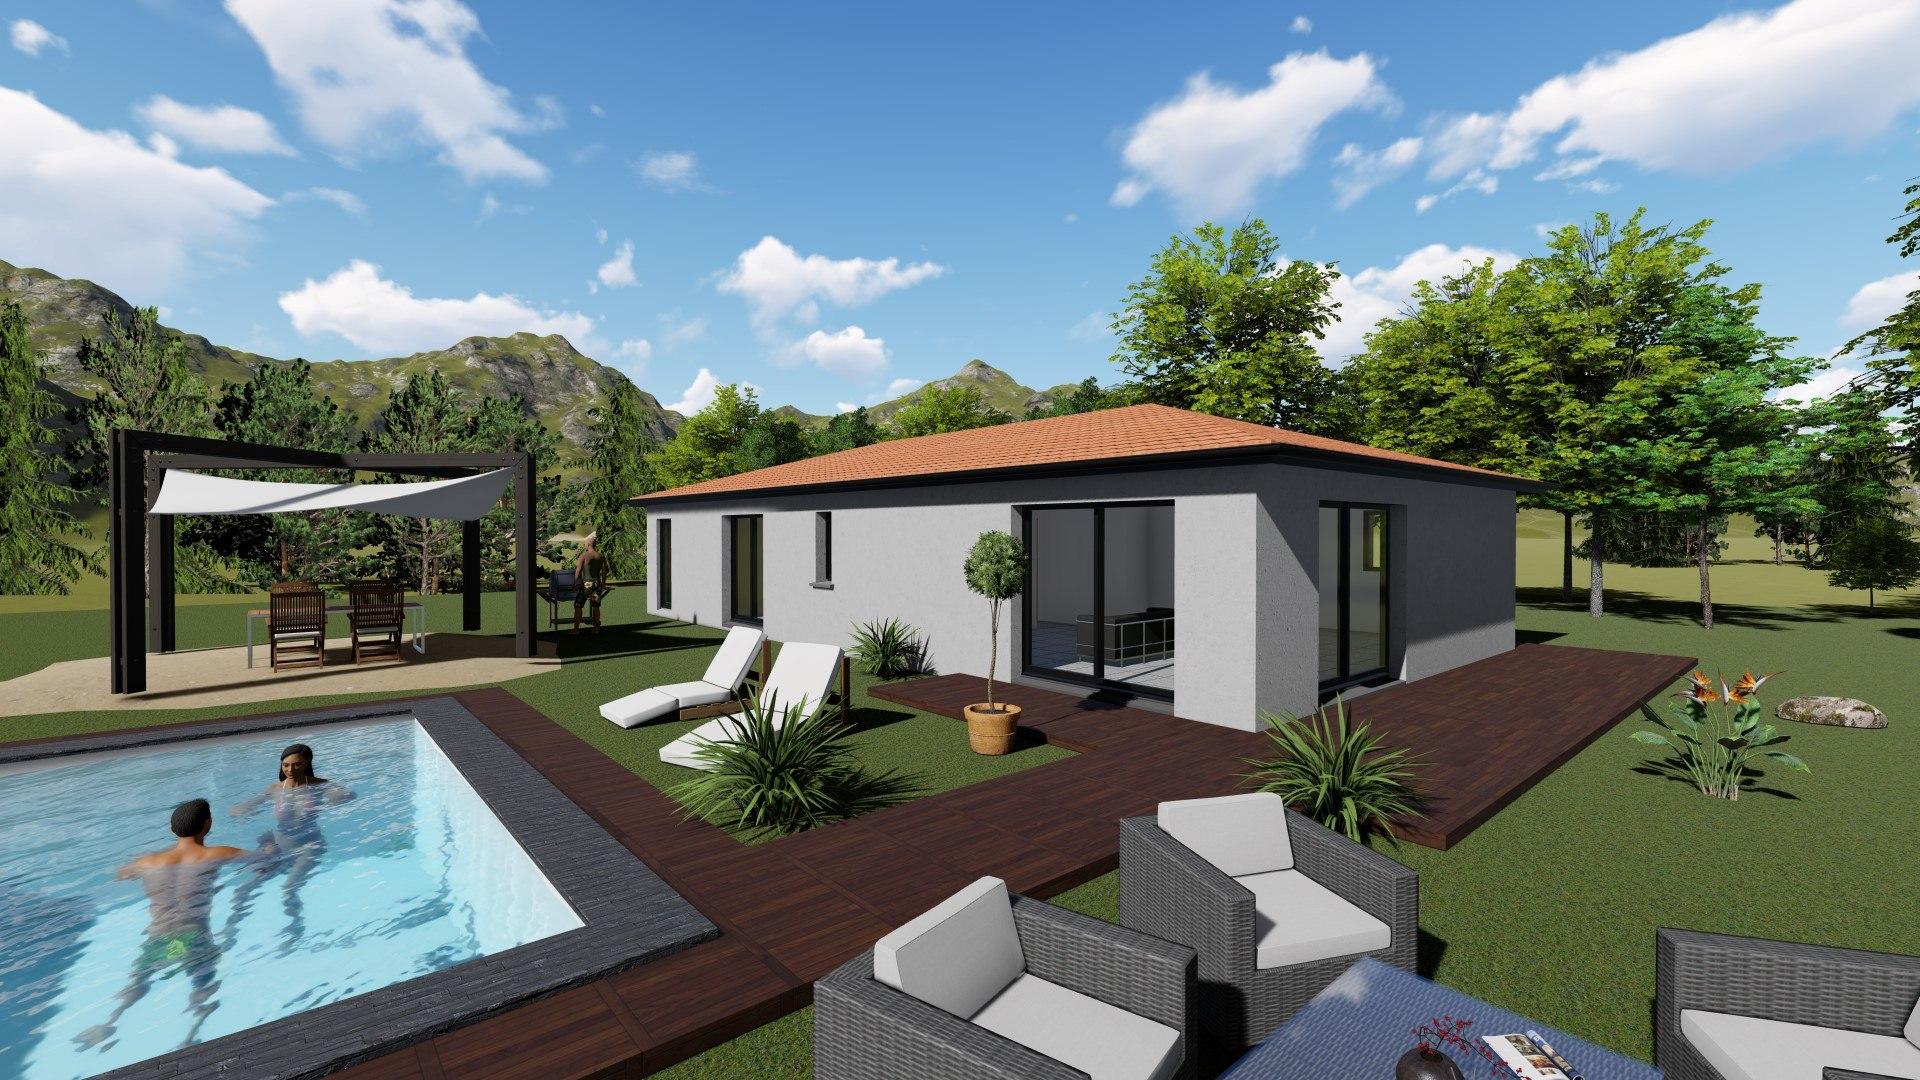 Terrains du constructeur TRADIMAISONS • 453 m² • ROMAGNAT